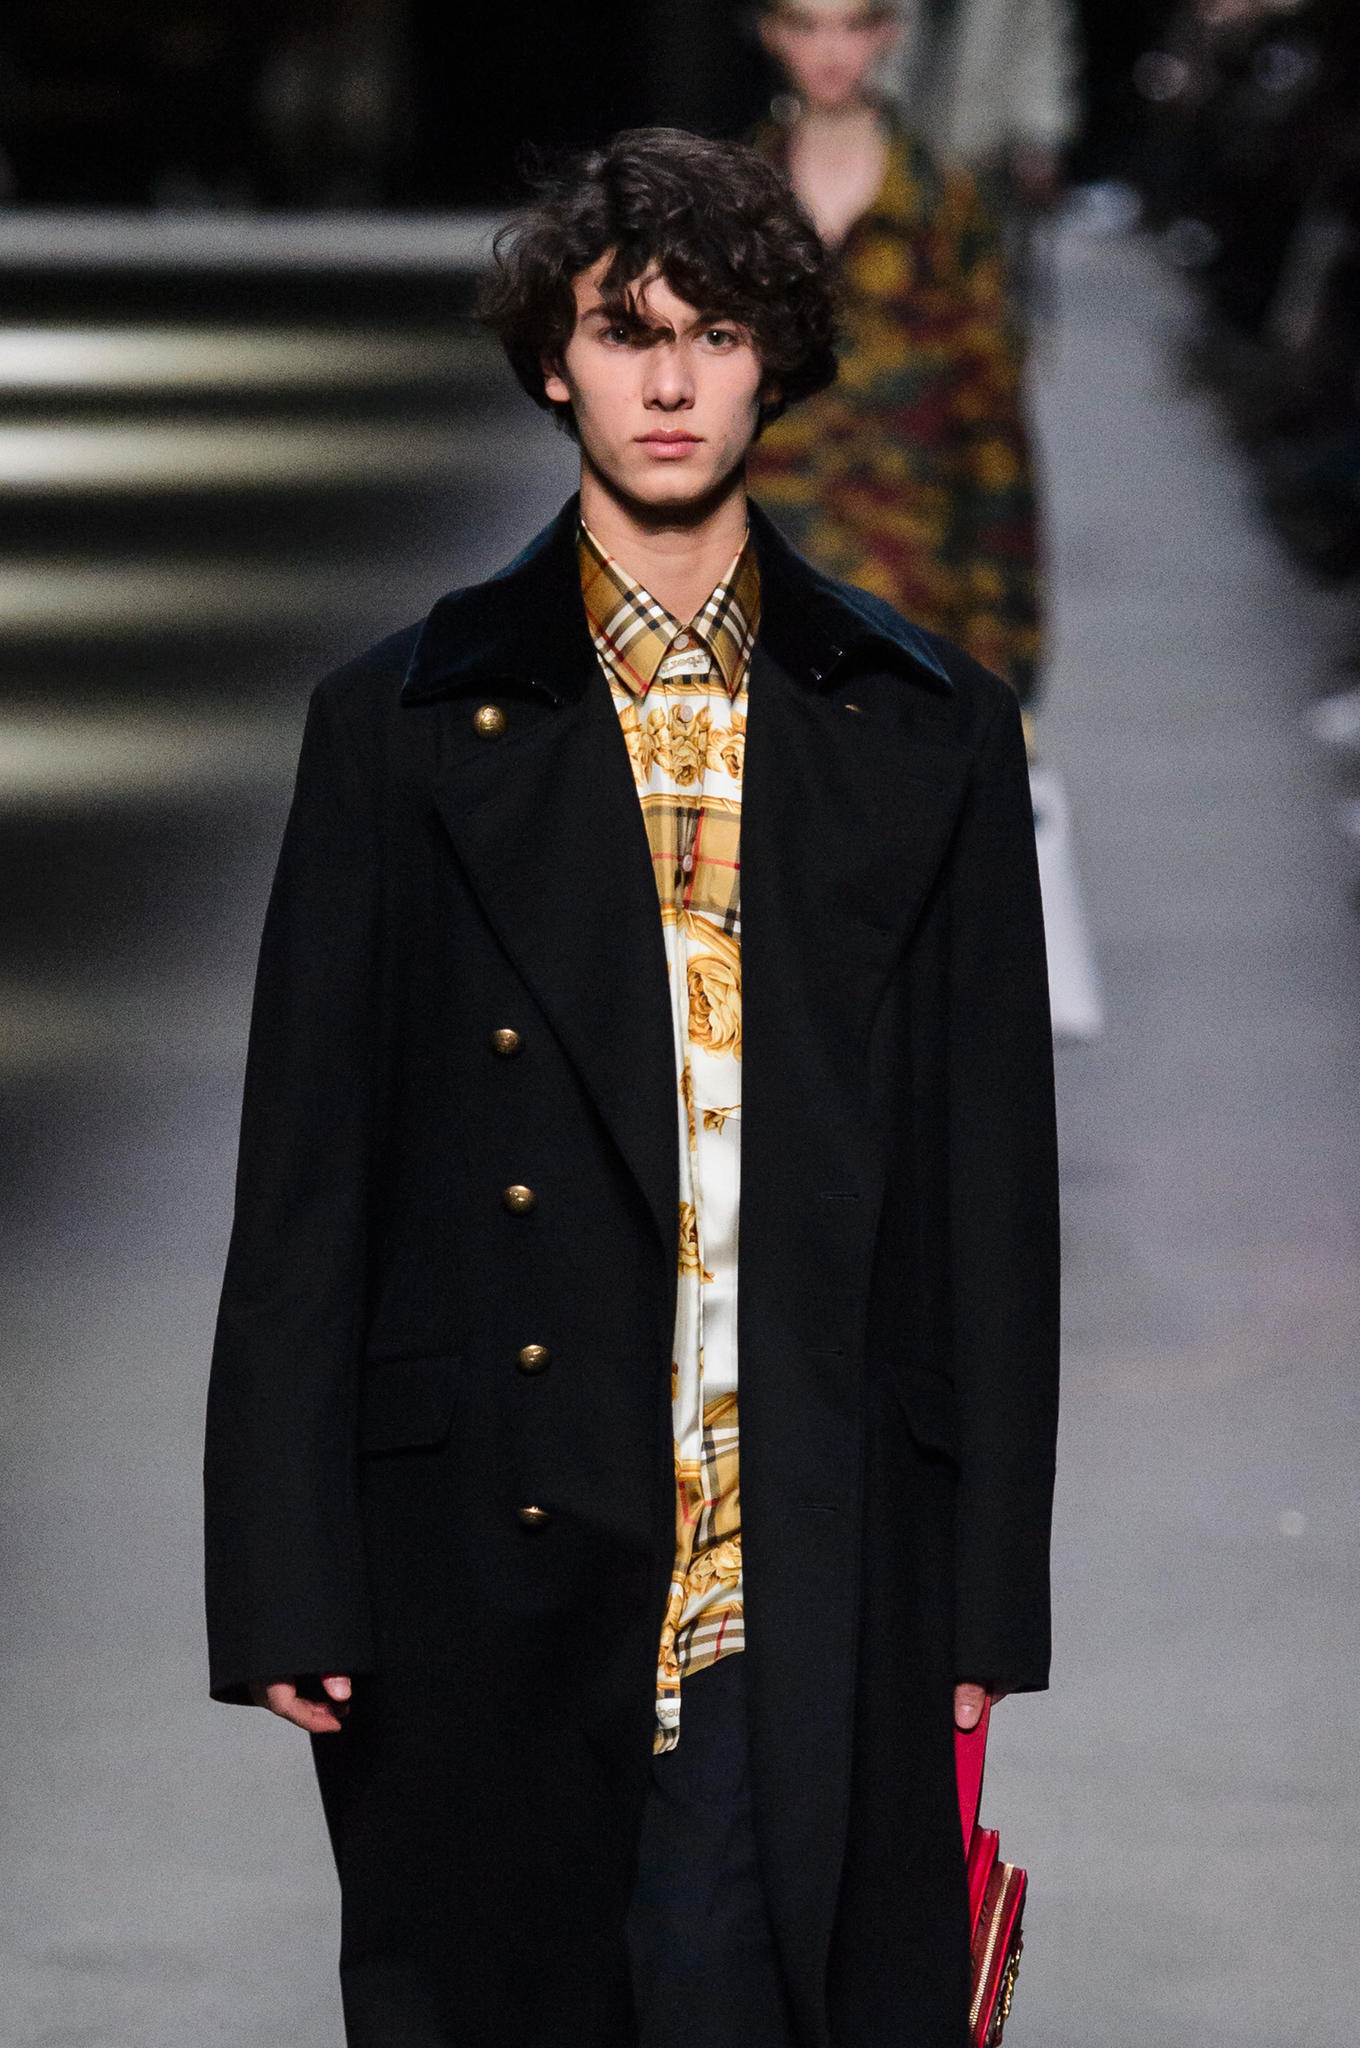 Prinz Nikolai läuft bei der Fashion Week in London am 17. Februar zum ersten Mal als Model. Aber ist das eine passende berufliche Perspektive für einen Prinzen?